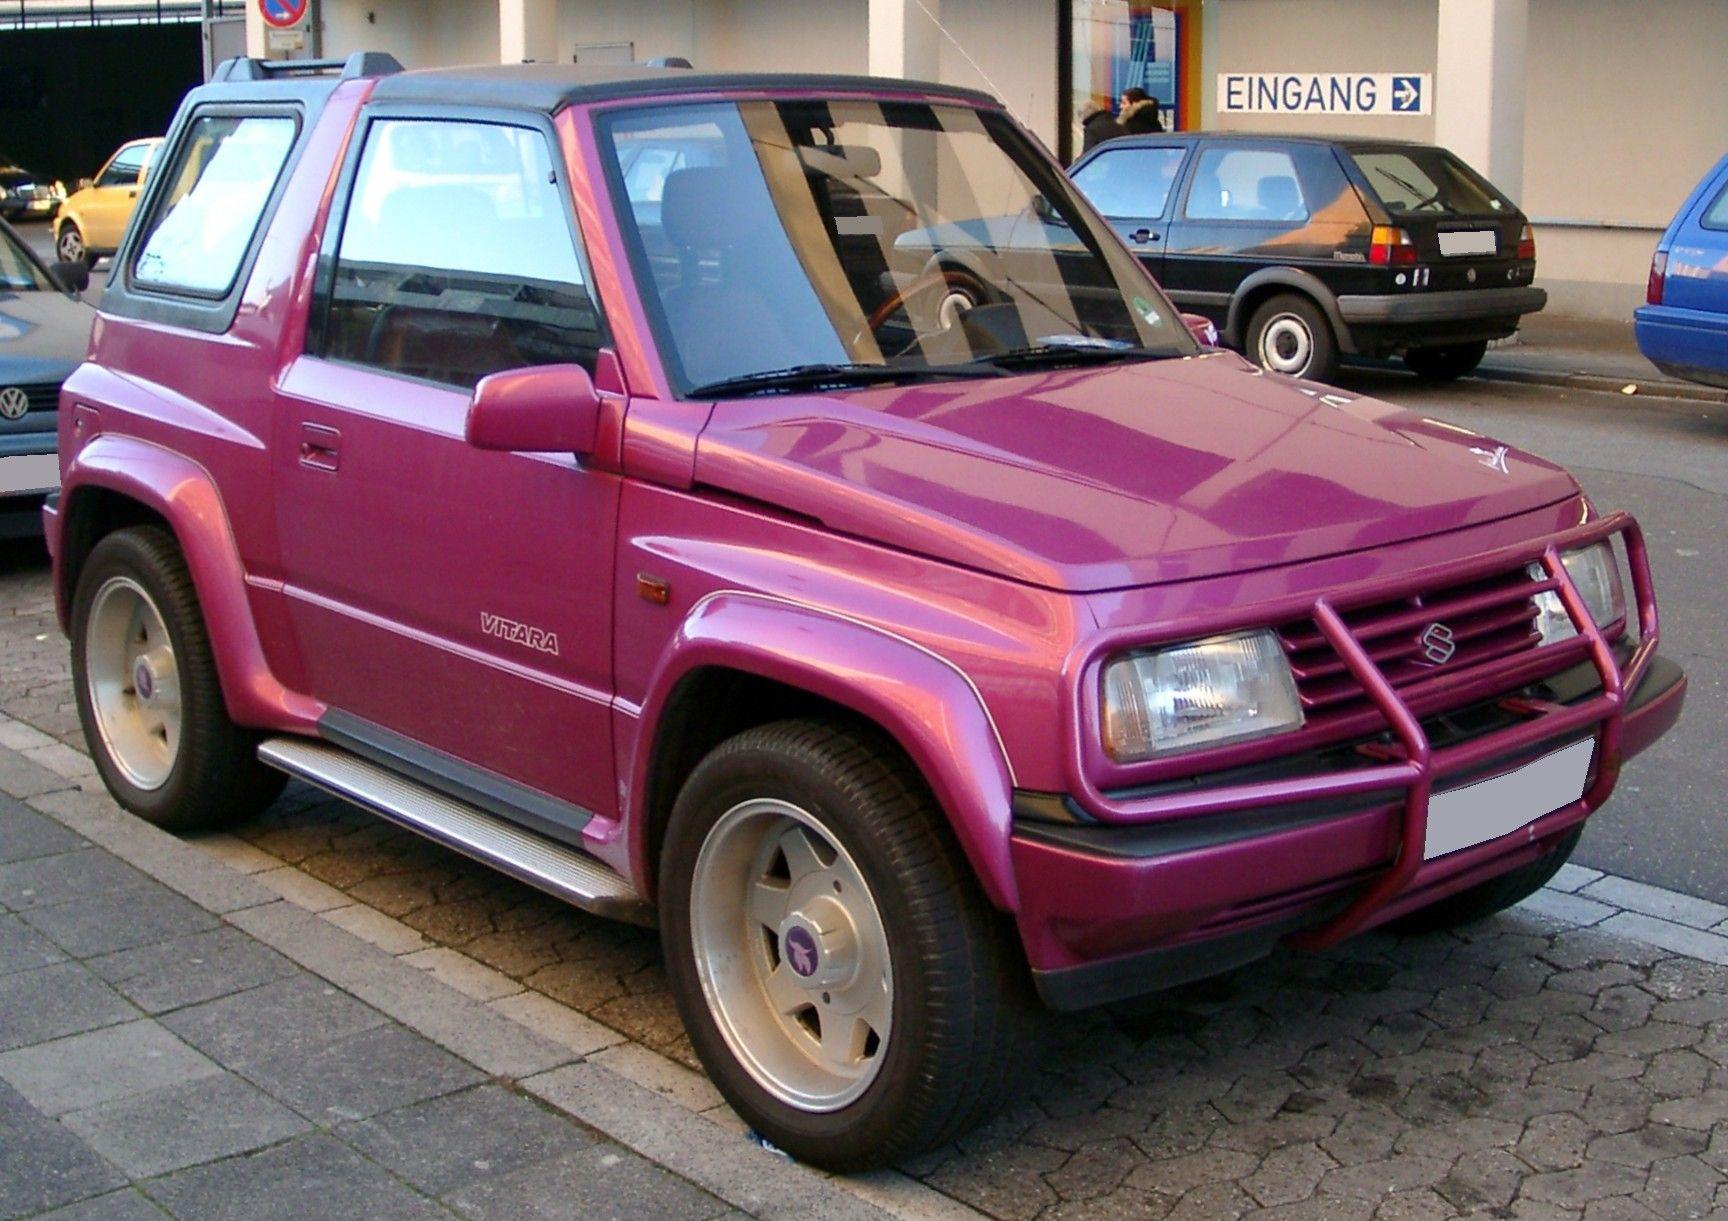 The Old Style Suzuki Vitara